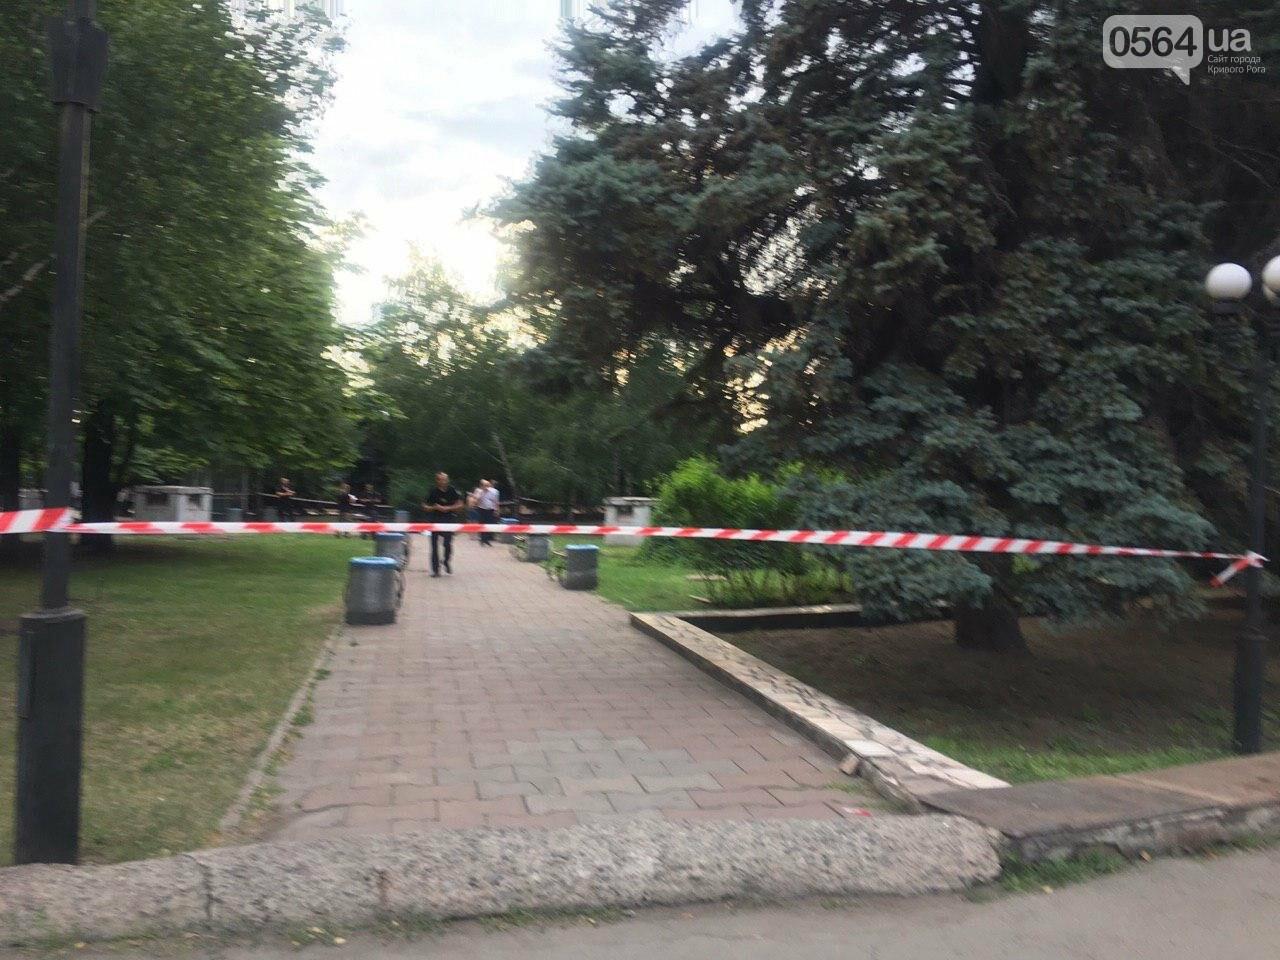 Возле мэрии Кривого Рога найдено тело мужчины с ножевыми ранениями. Рядом с убитым находится его собака, - ФОТО, ВИДЕО 18+, фото-8